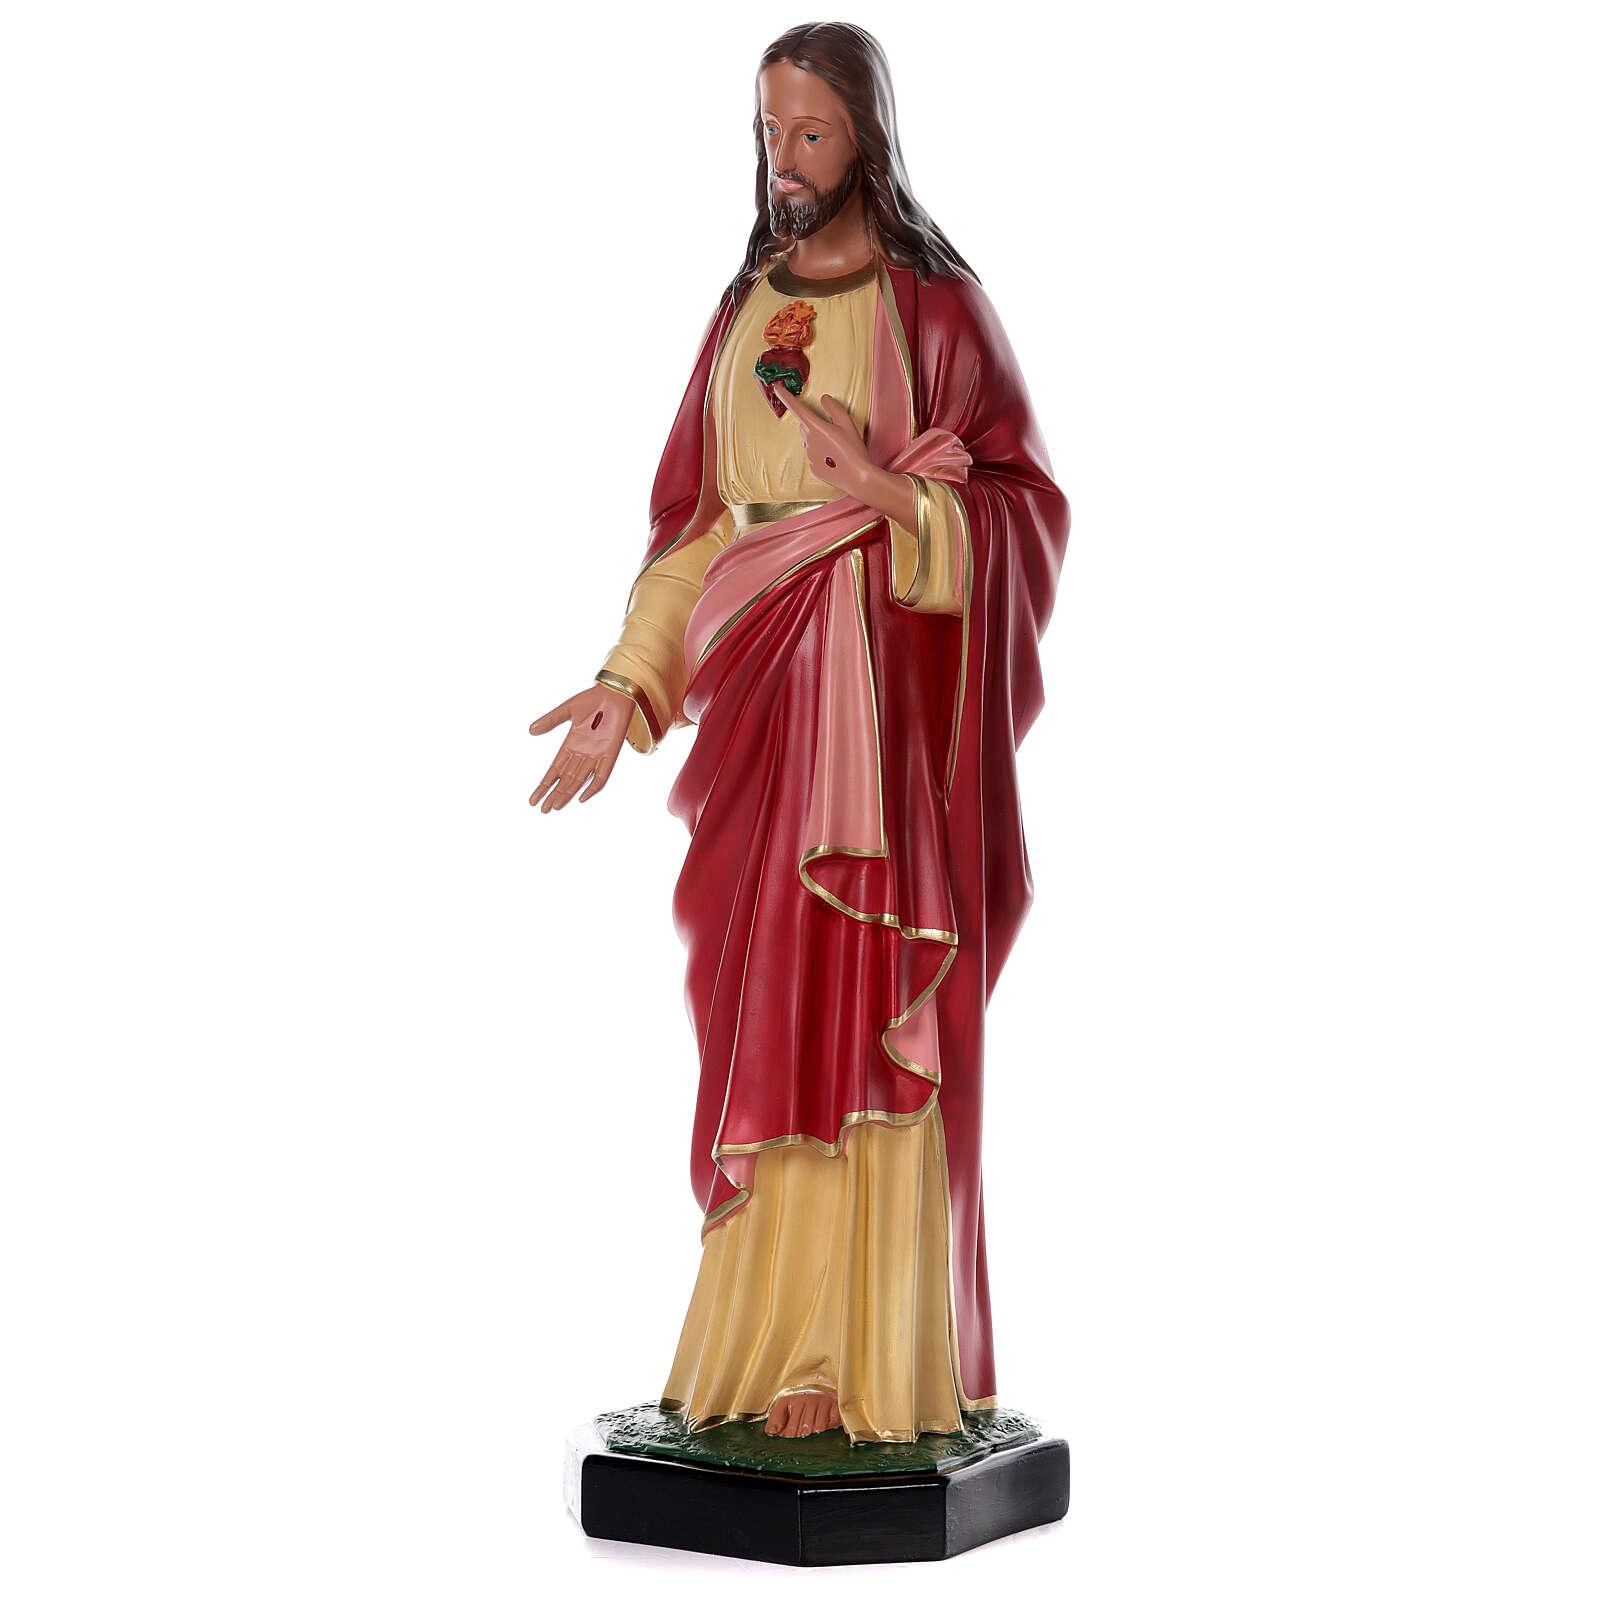 Statue Sacré-Coeur Jésus résine 80 cm peinte main Arte Barsanti 4